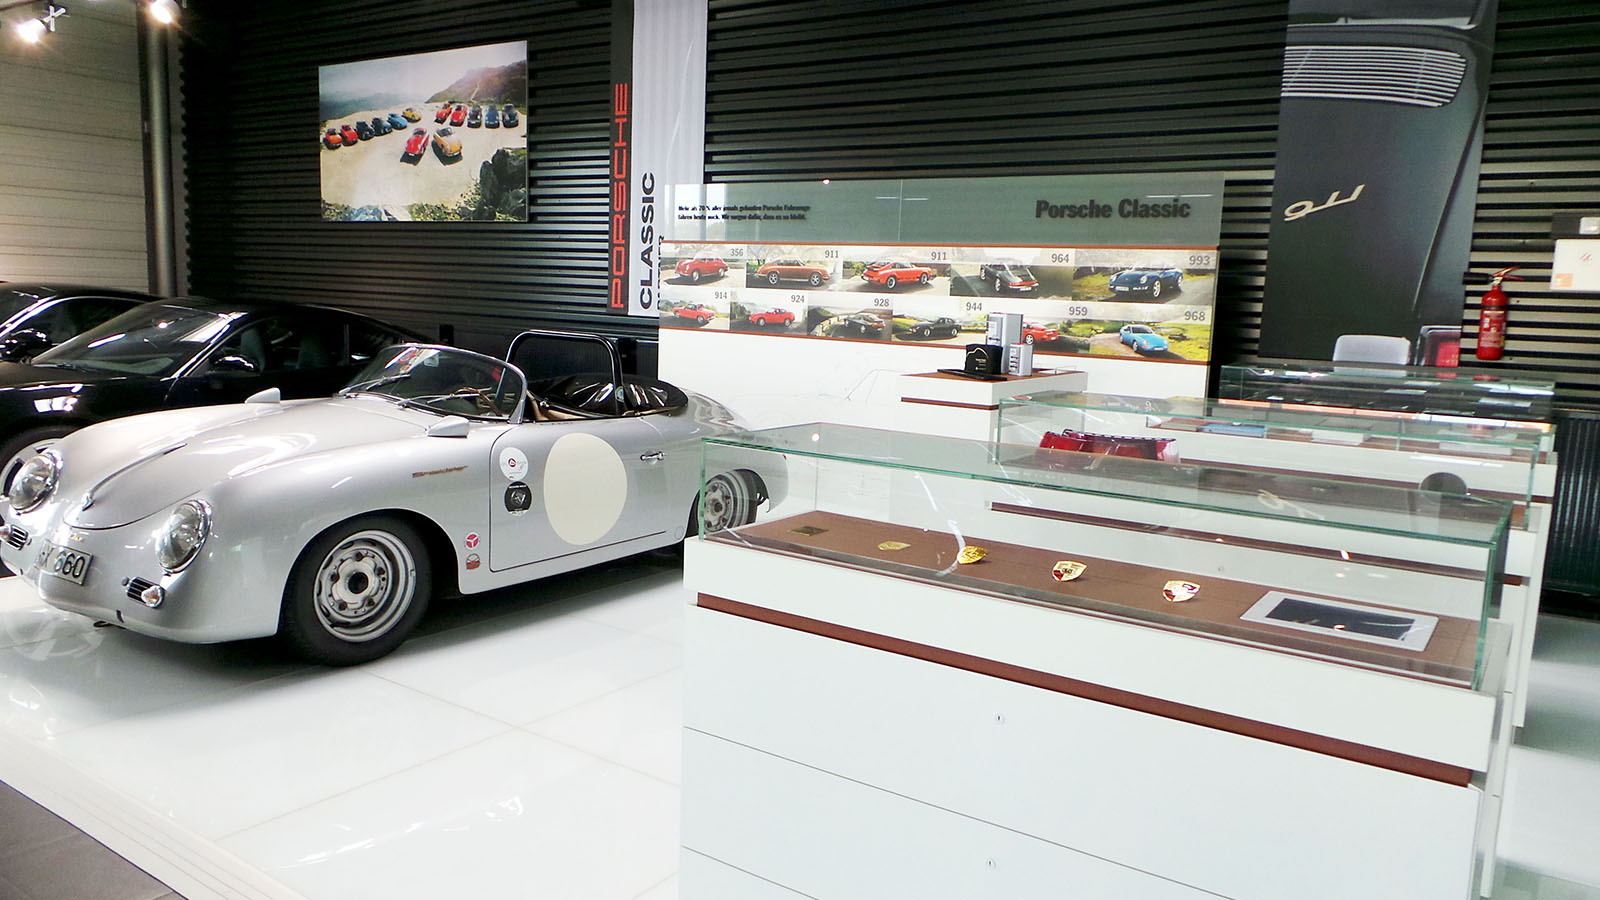 Porsche Centre 5 Seen